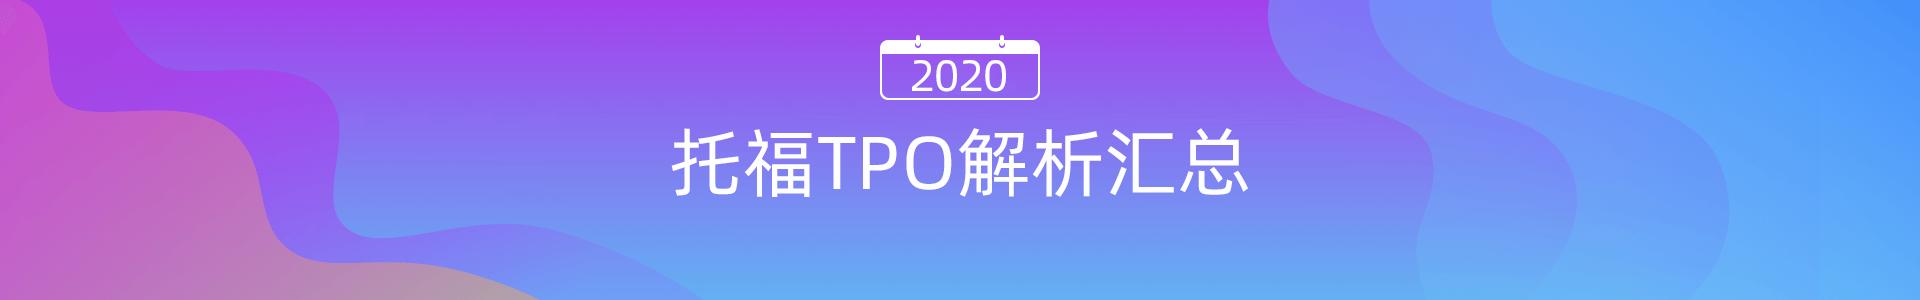 2020年托福真题